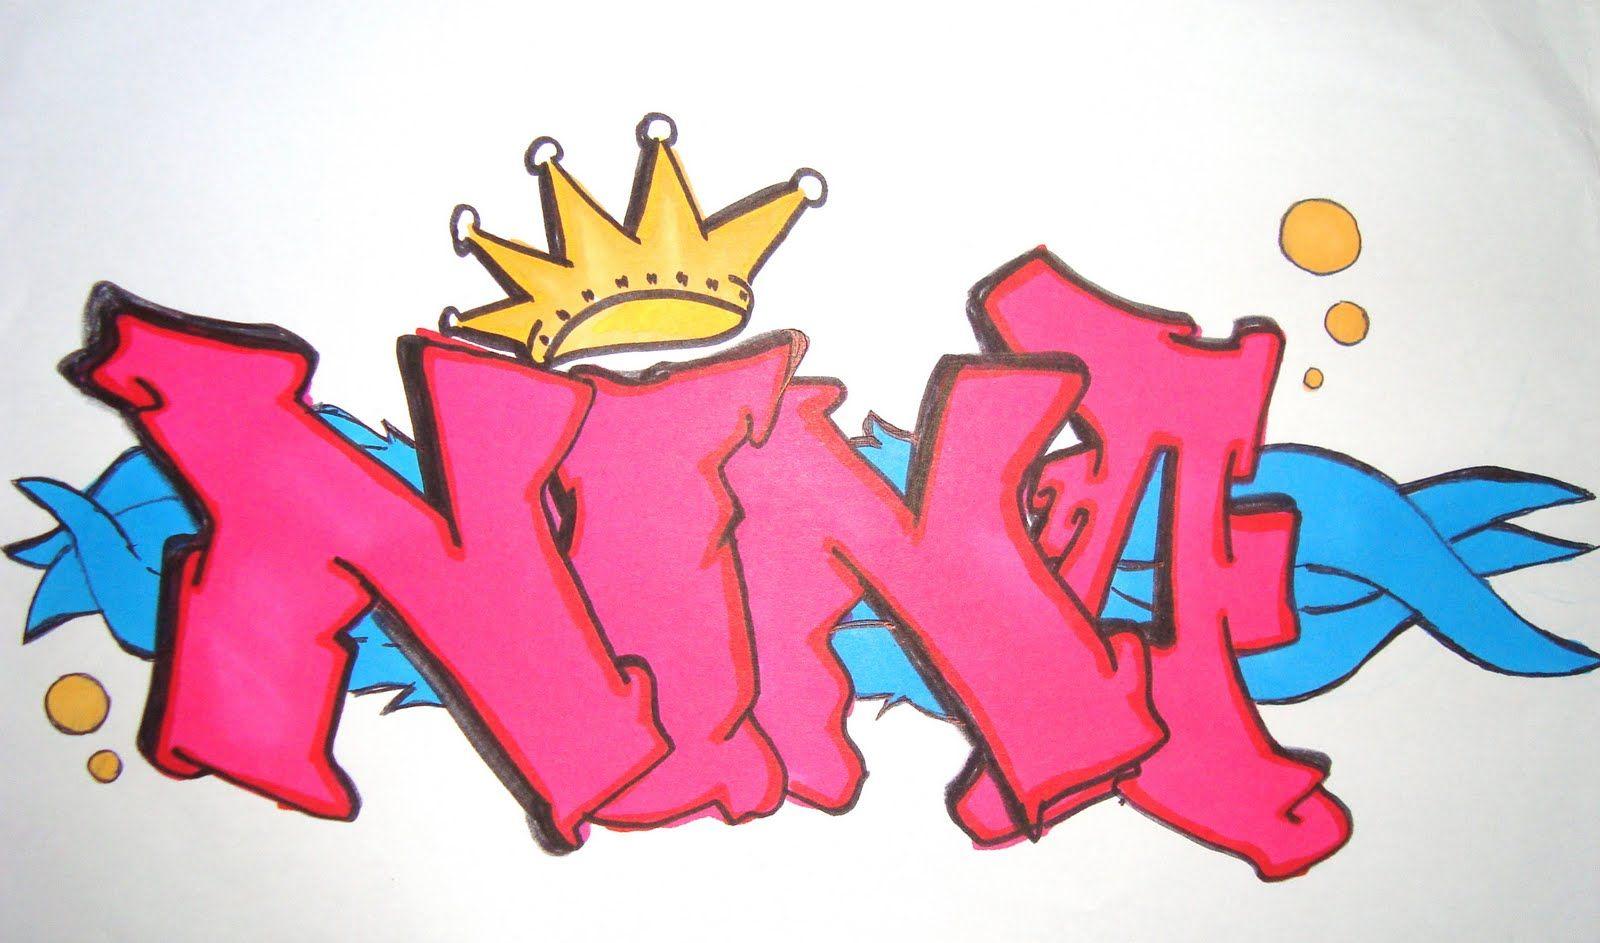 Coole Graffiti Zeichnungen Und Schriftarten En 2019 Graffiti